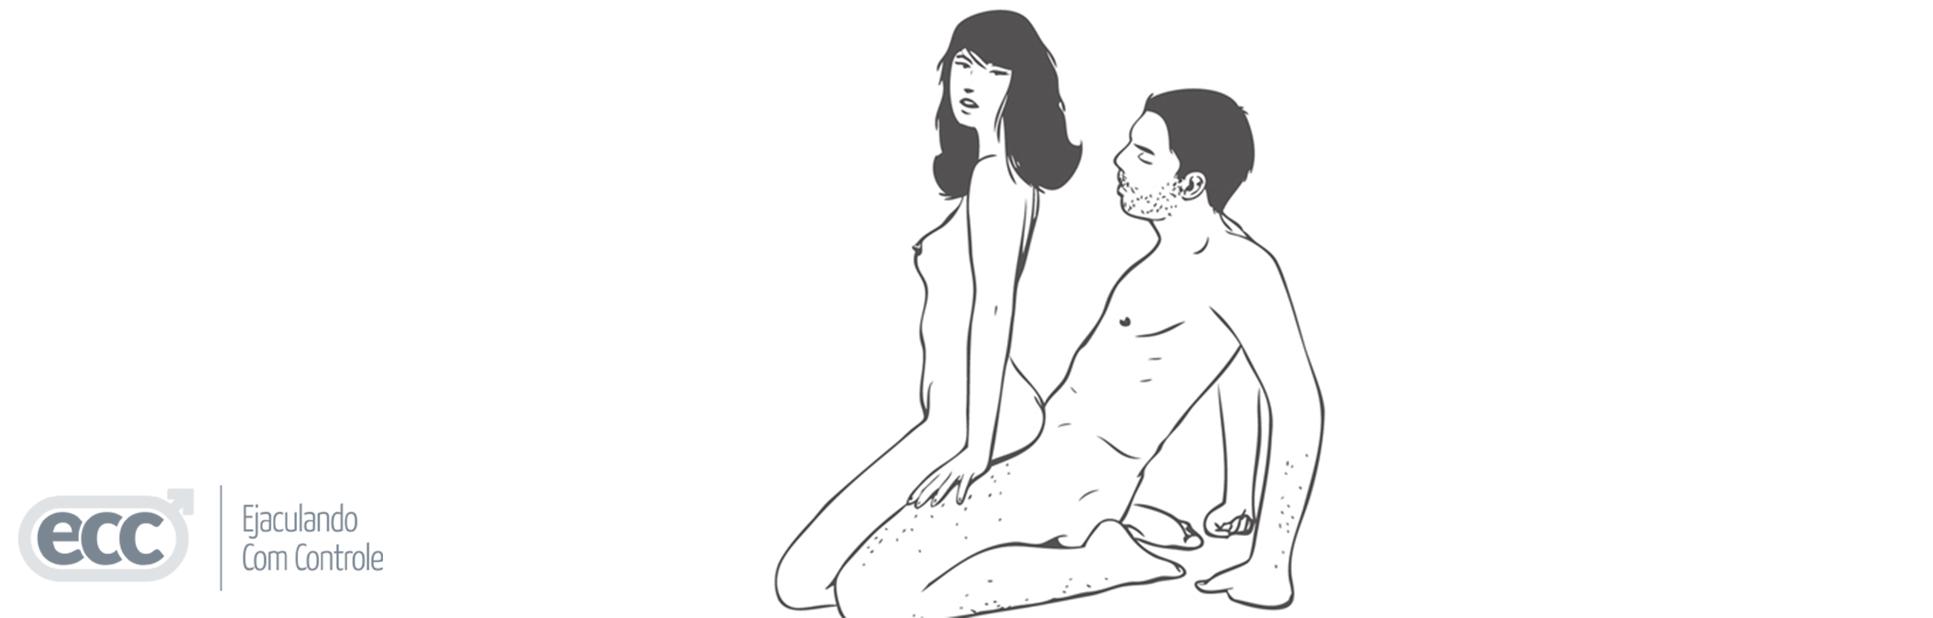 como fazer sexo anal viptransex